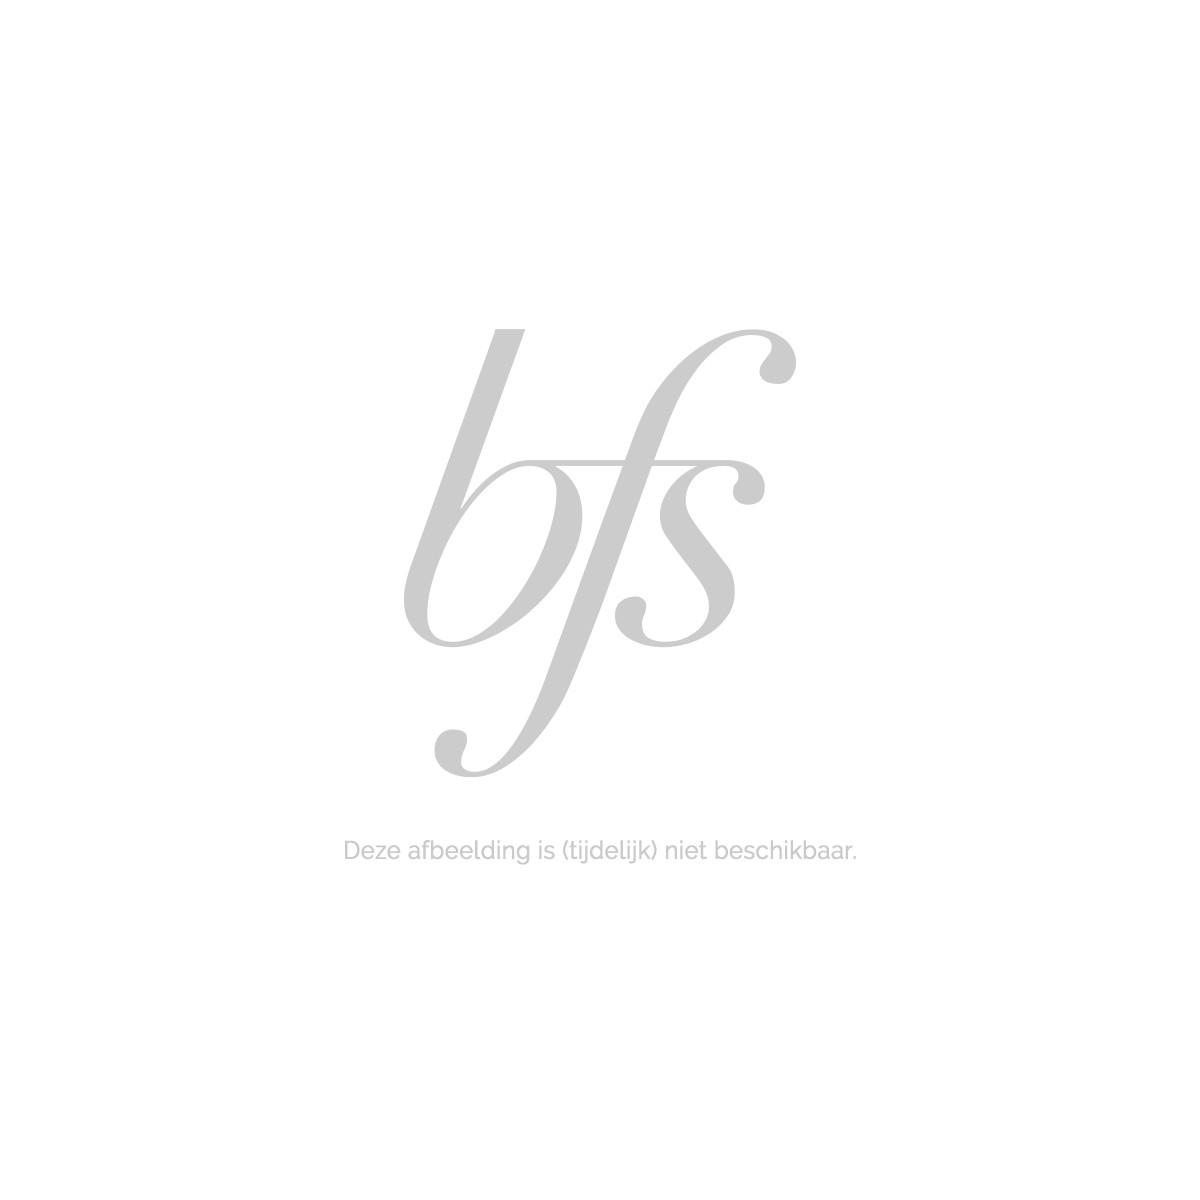 Comair Hair Foil Balayage, 30Cmx150M, Transparent